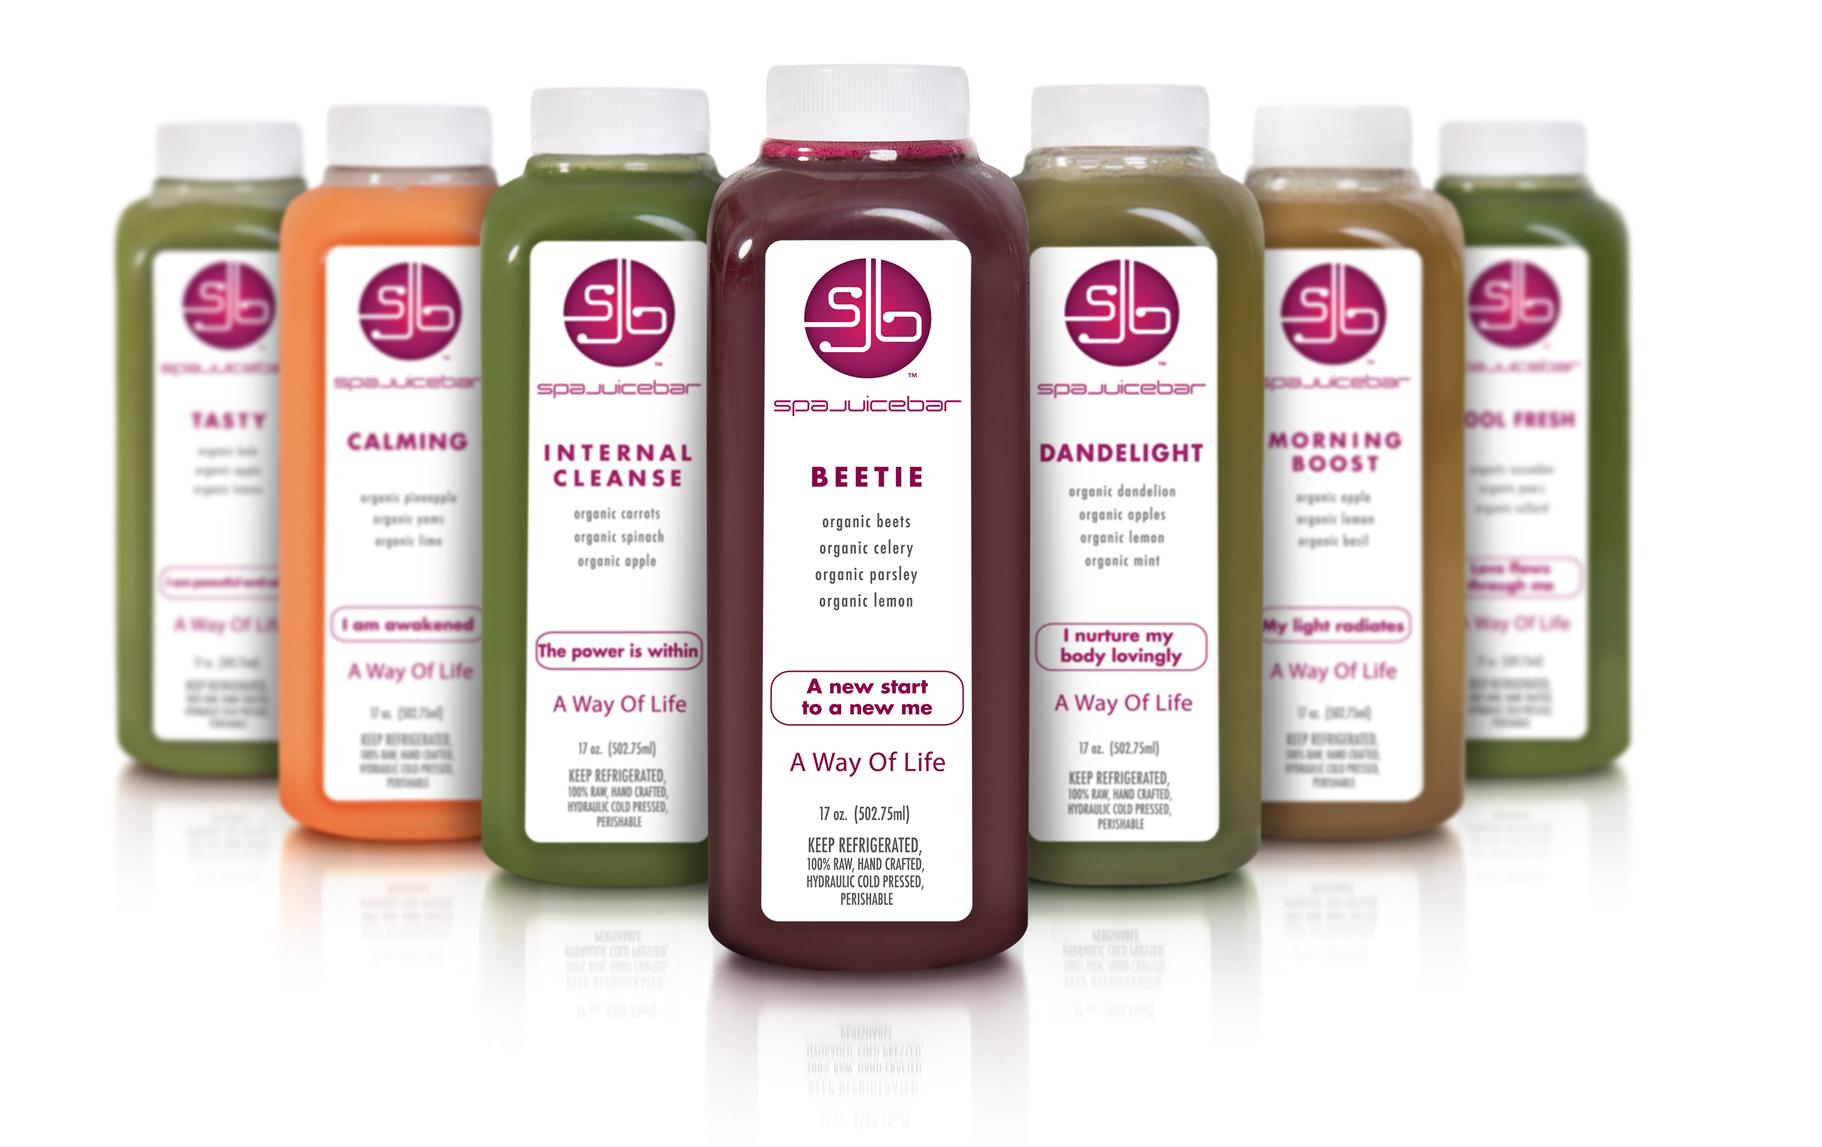 spajuicebar lifestyle juice